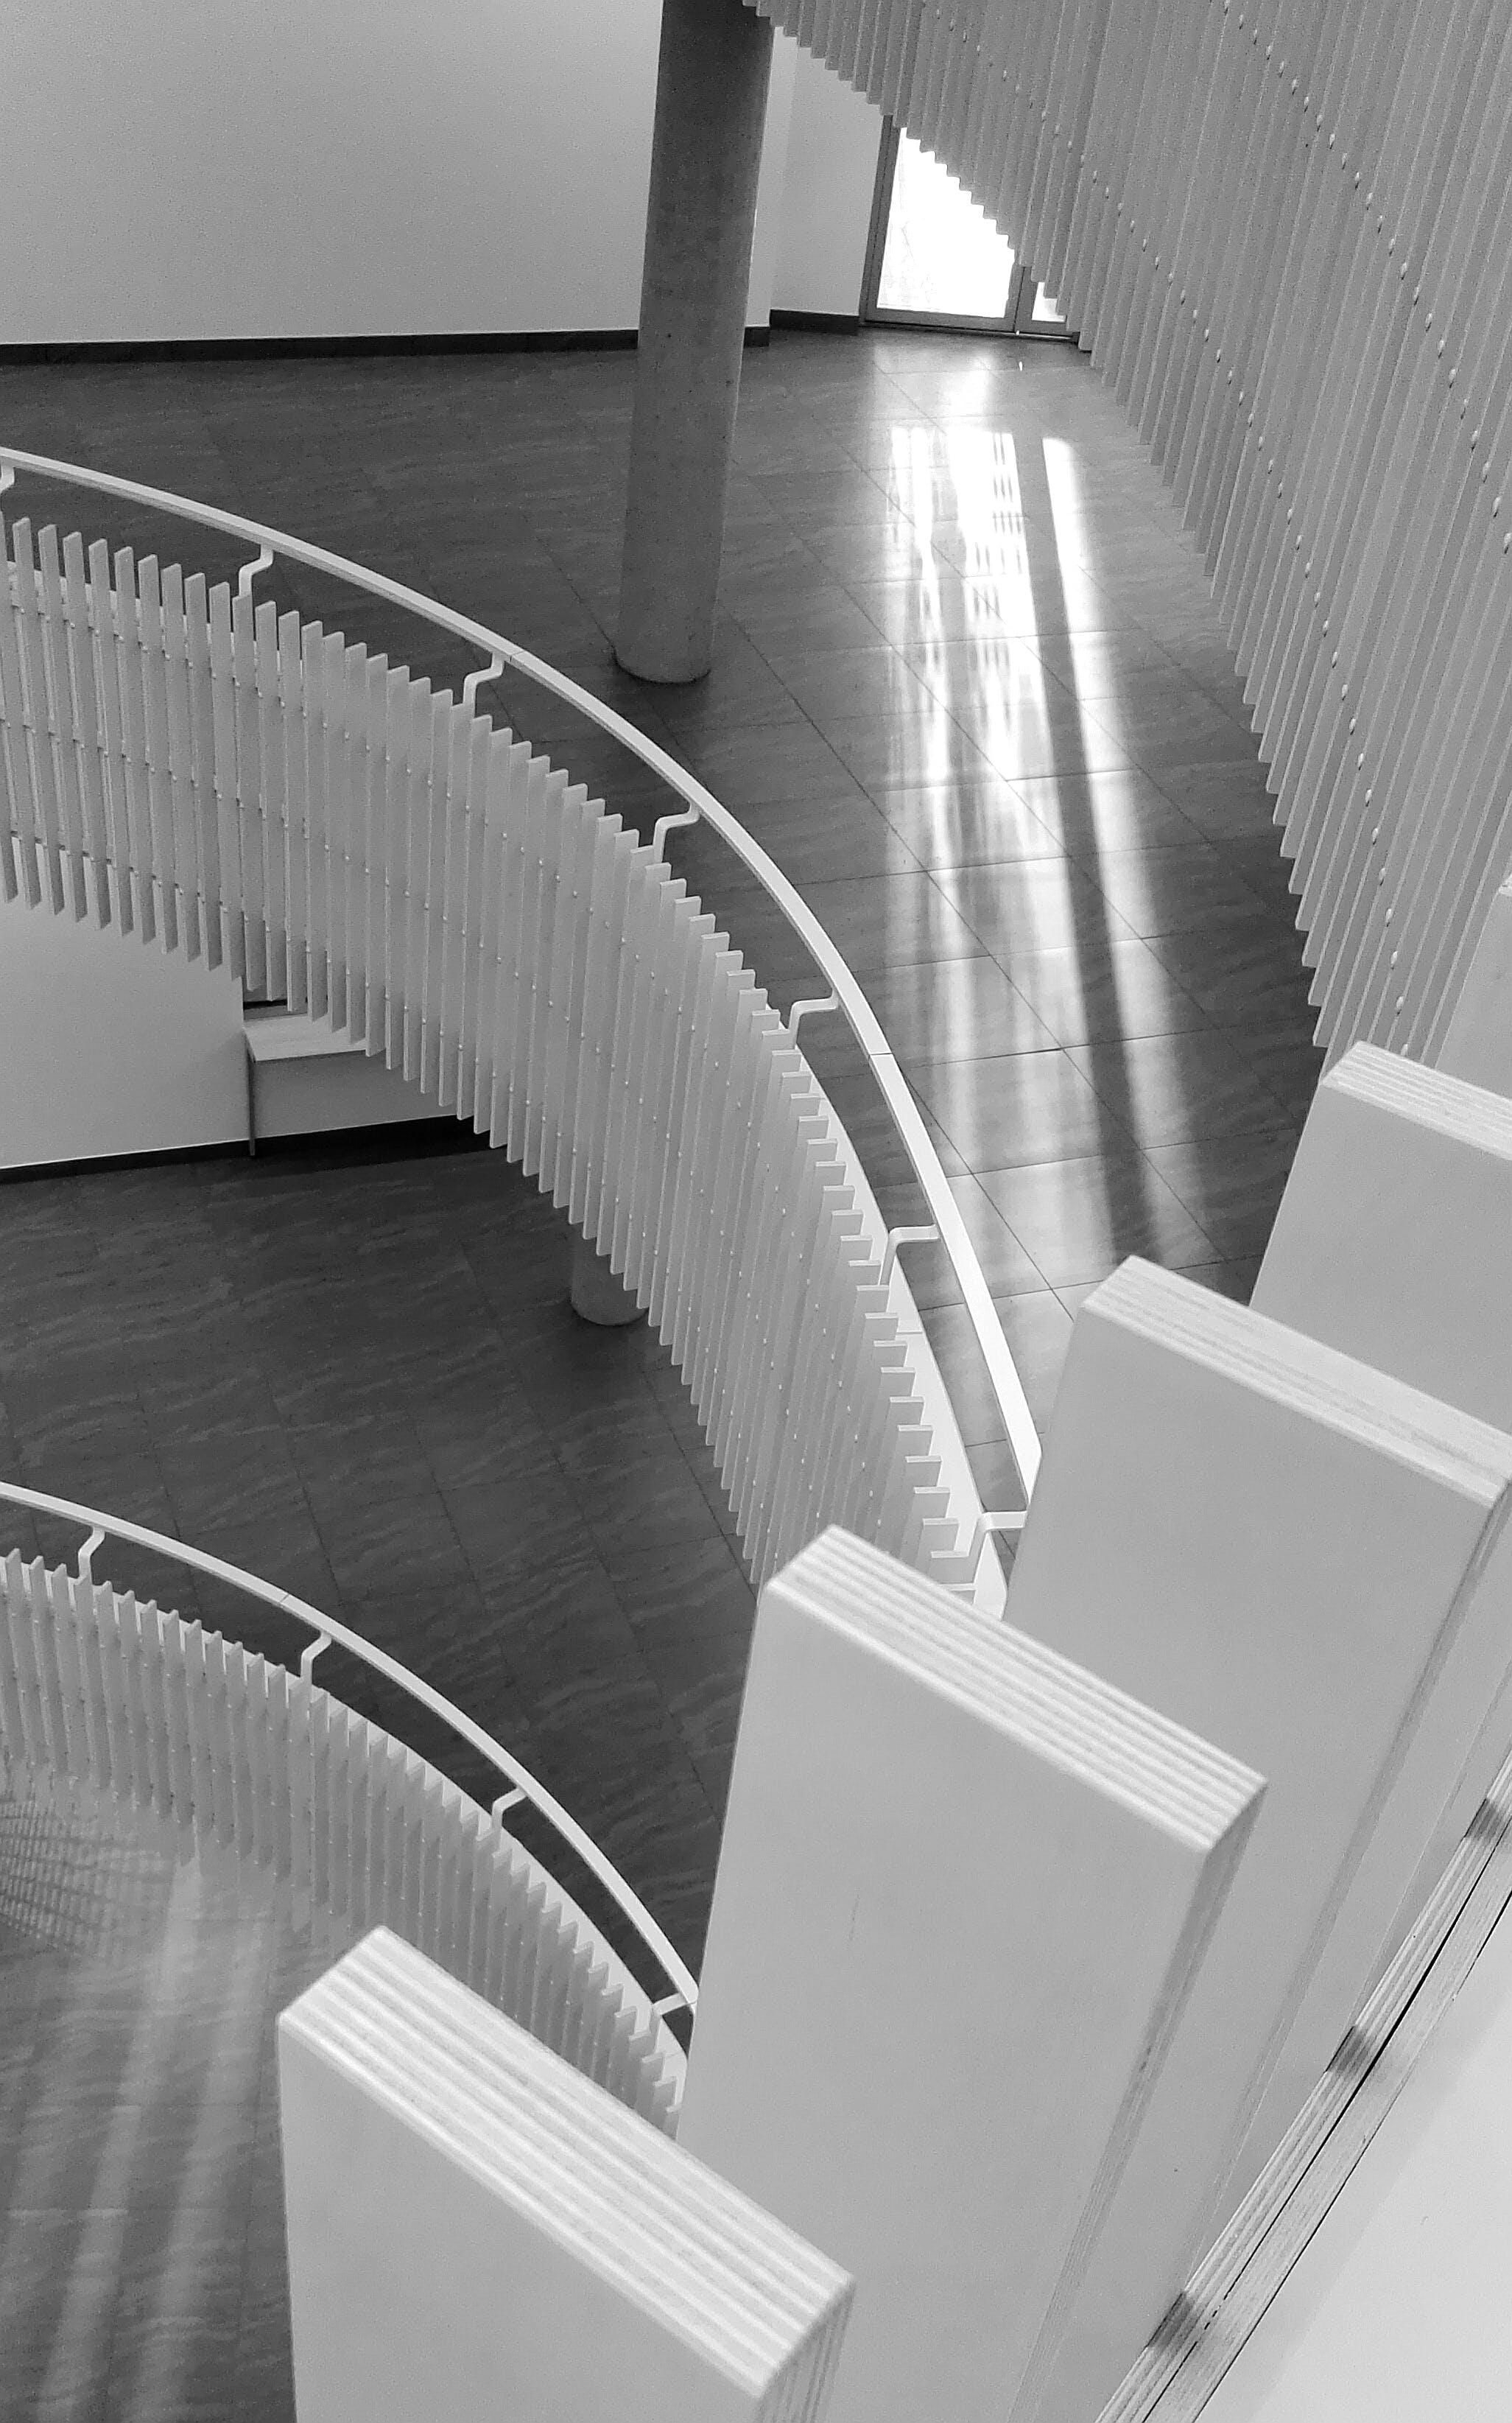 Kostenloses Stock Foto zu architektur, balustraden, drinnen, gebäude